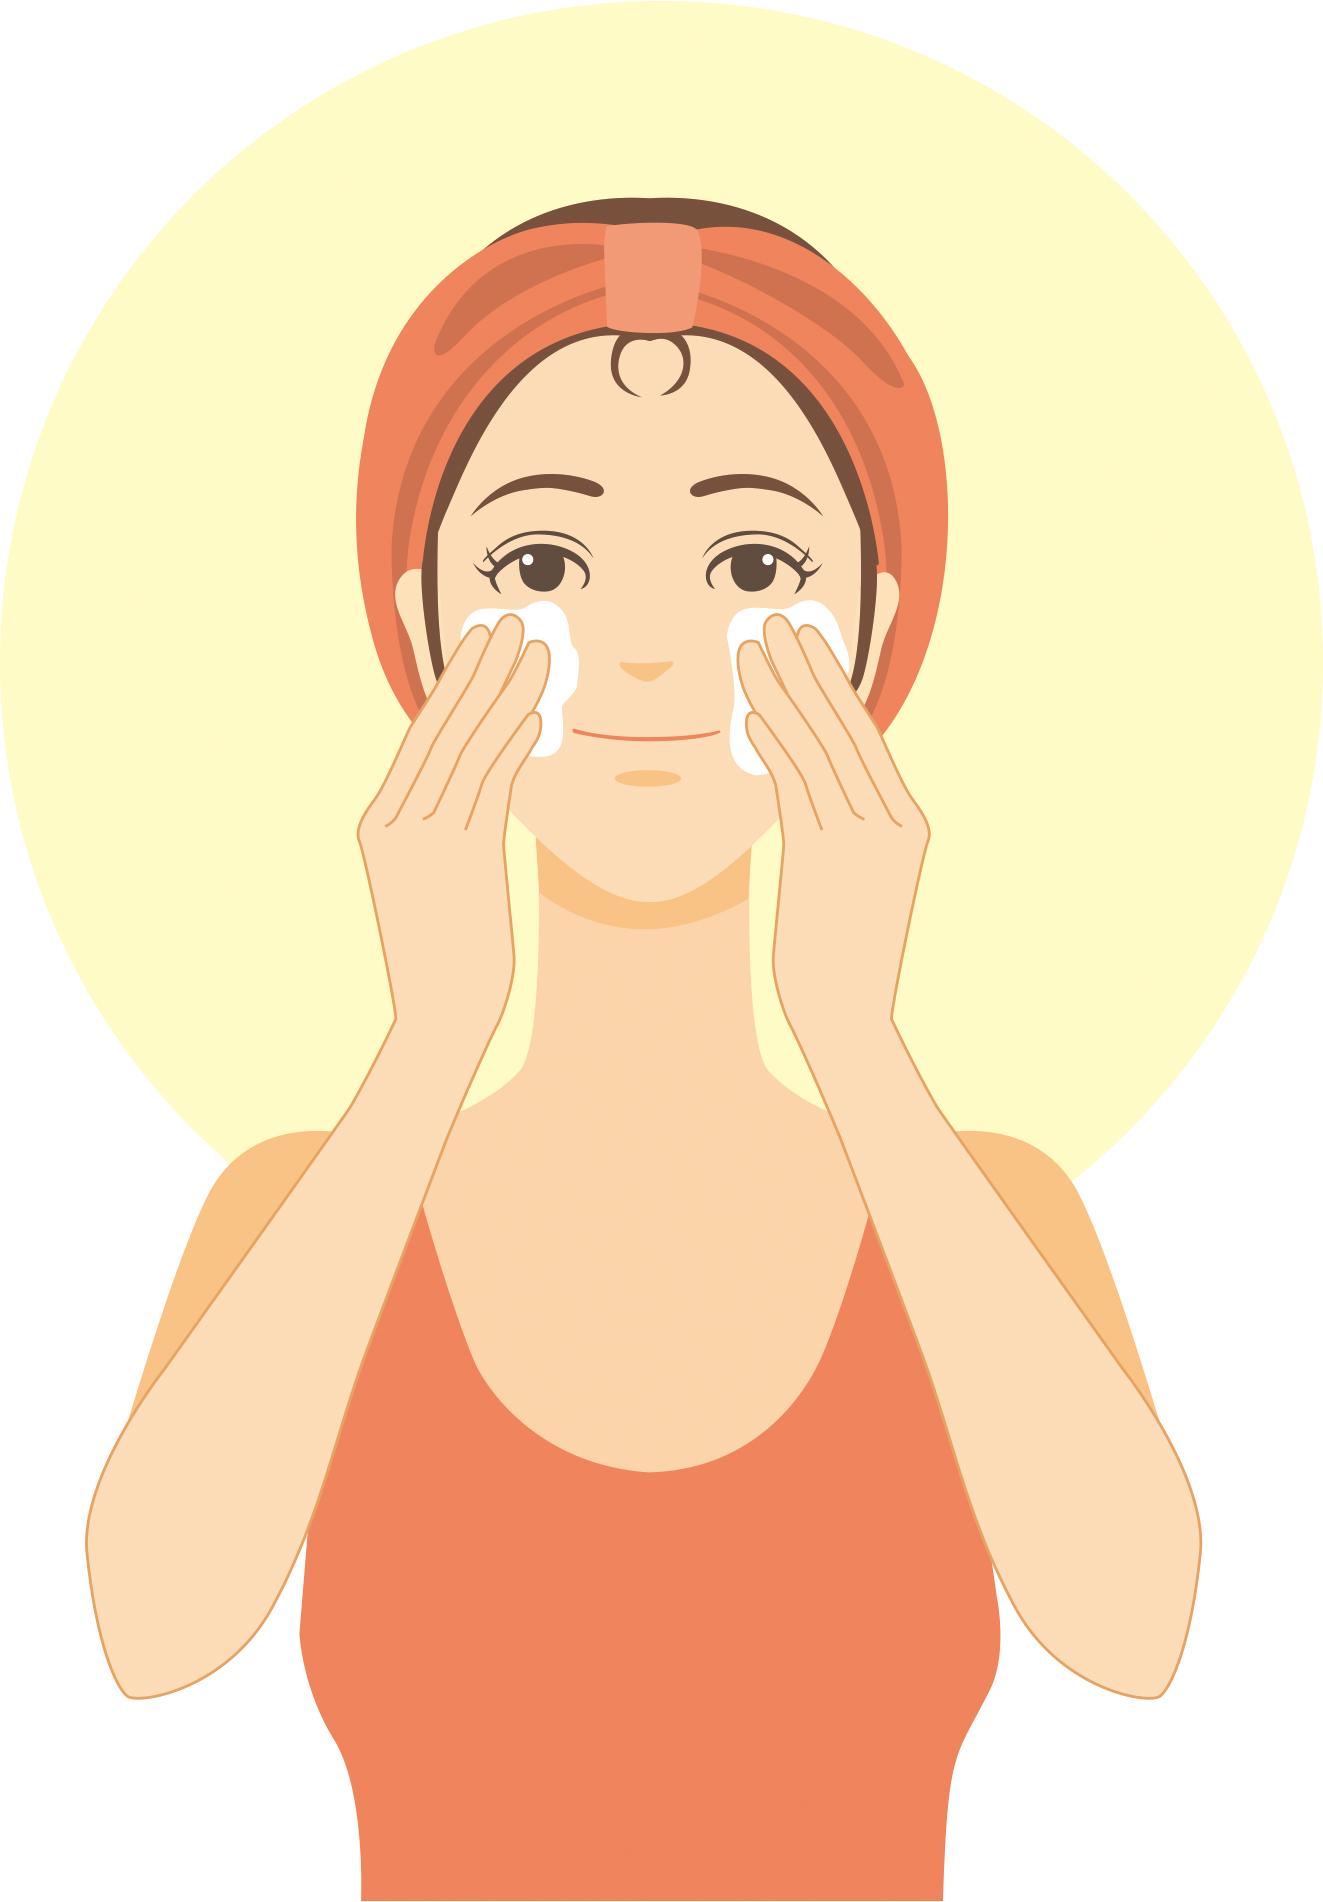 洗顔している画像